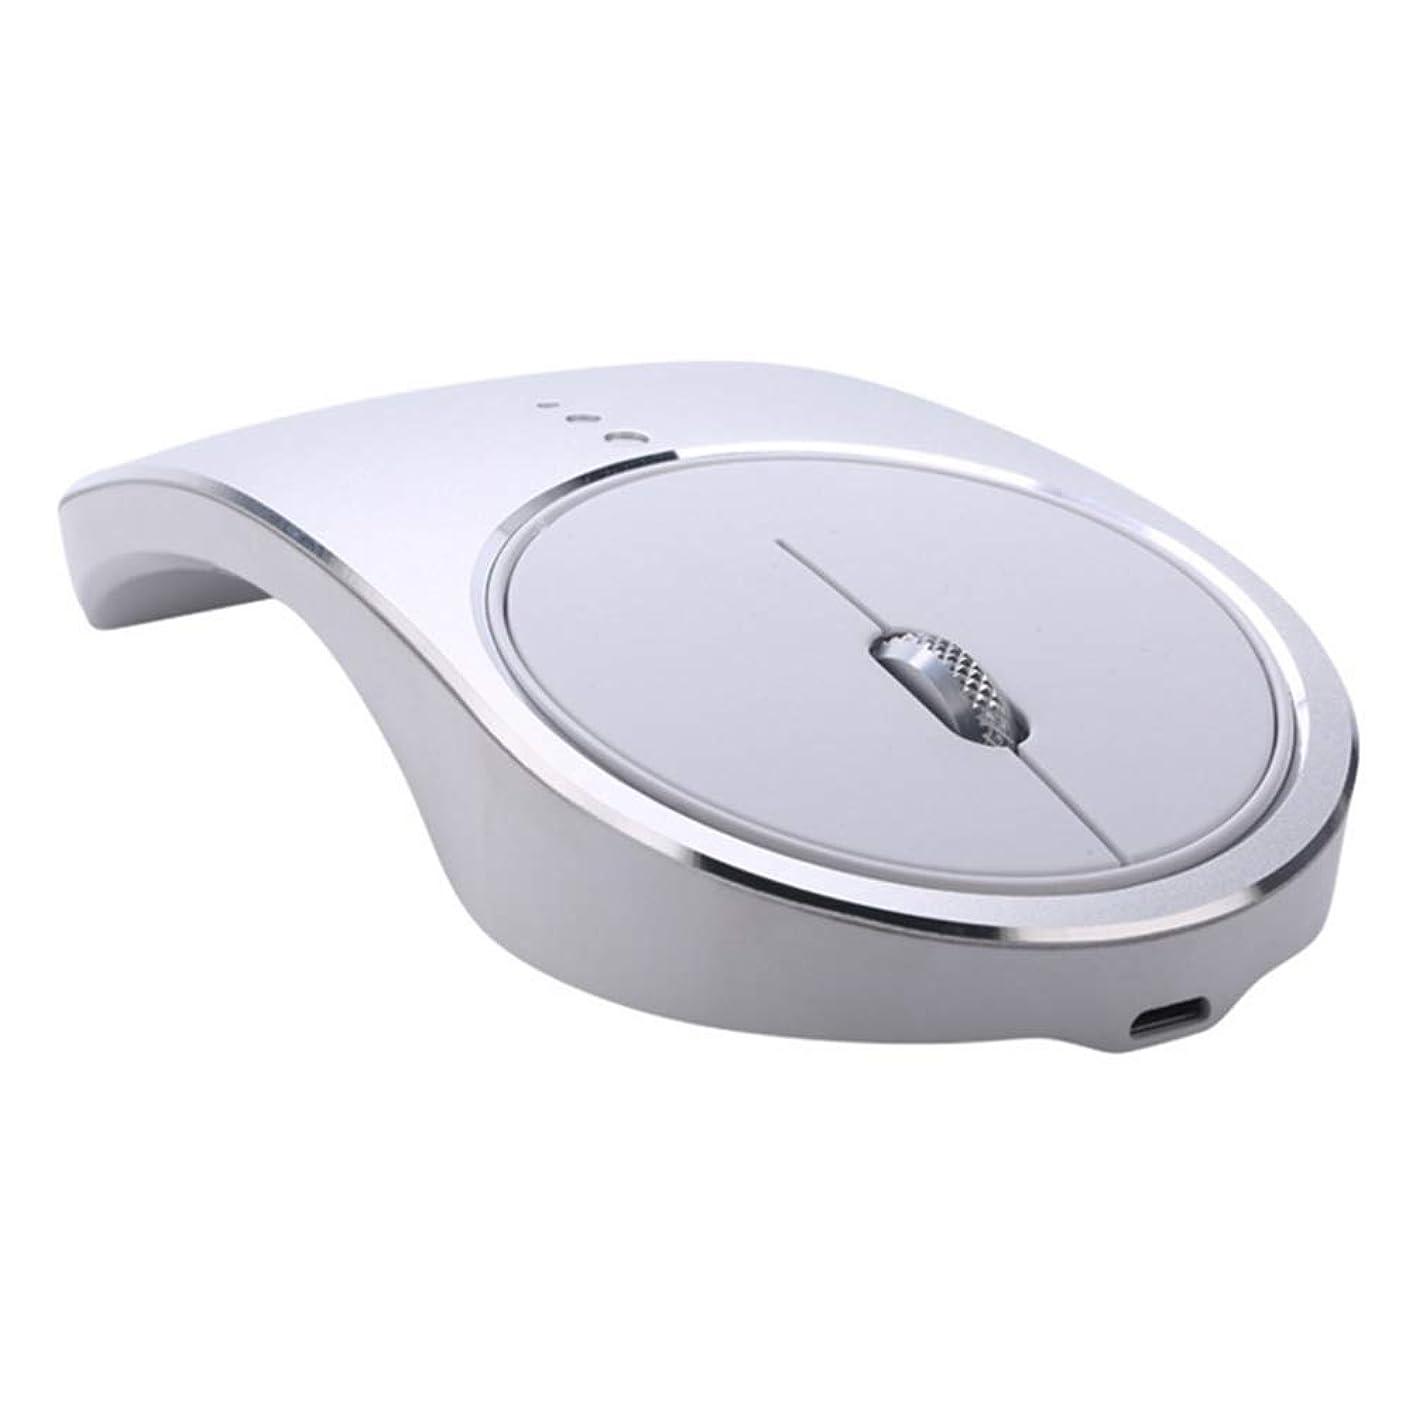 お風呂台風ポケットYQMS1100 USB4つのボタン、ラップトップとPCのための3つの調整可能なDPIレベルによるYQJK - 110充電式ラップトップ無線ゲームマウス光学式マウス